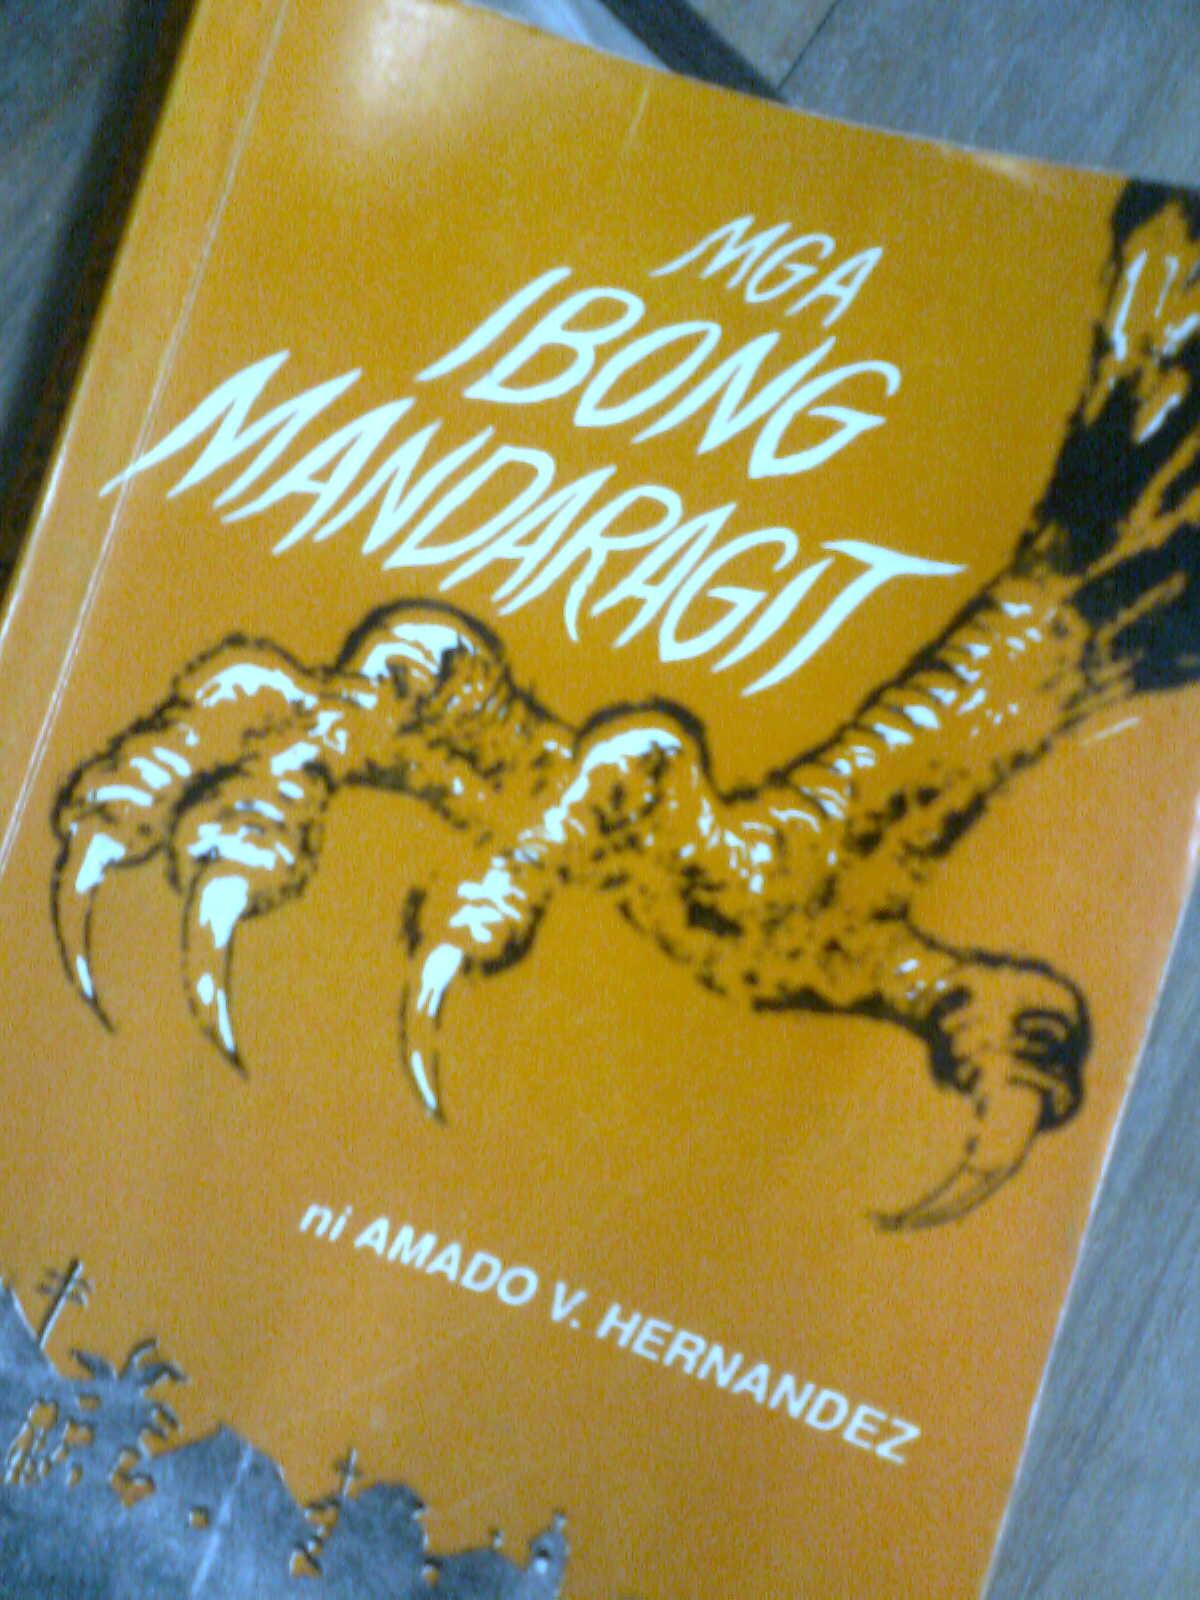 book report ng mga ibong mandaragit Premium and free essays, term papers & book notes malaya (1969) • ibong mandaragit (1969) • luha ng ng mga pilipino ang malusog na puso magkaroon.